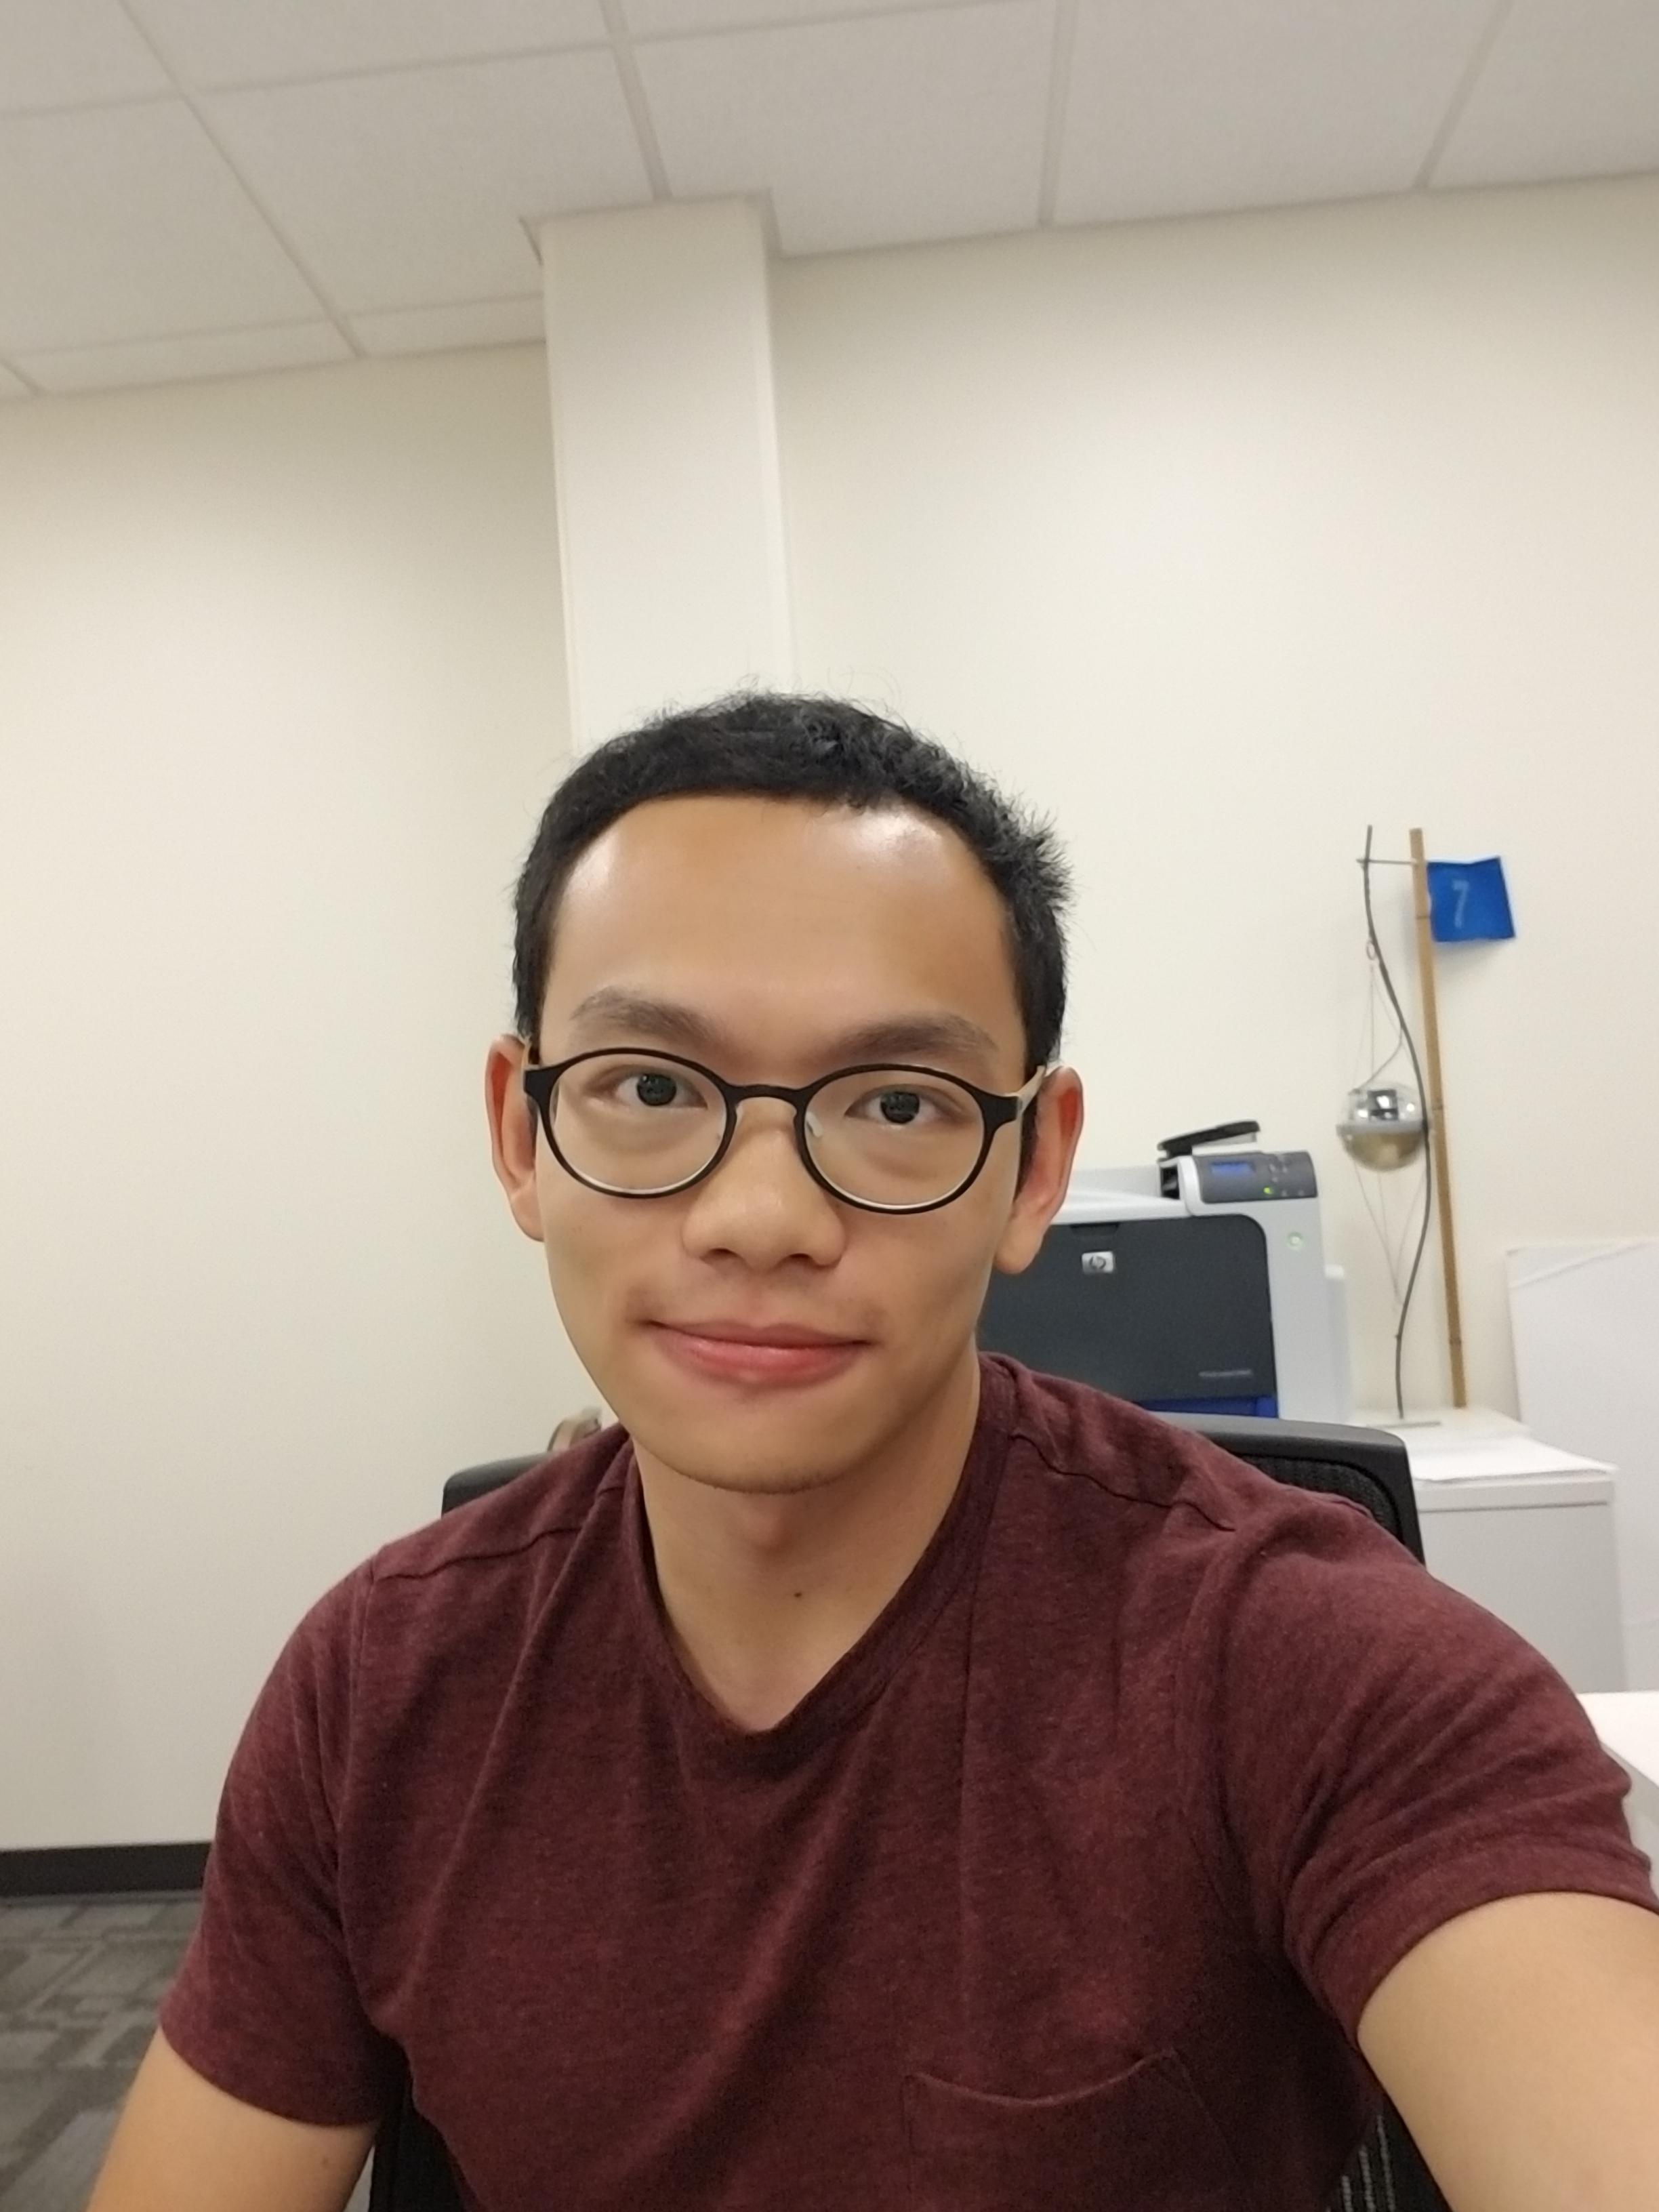 Chun Fai (Chris) Tung